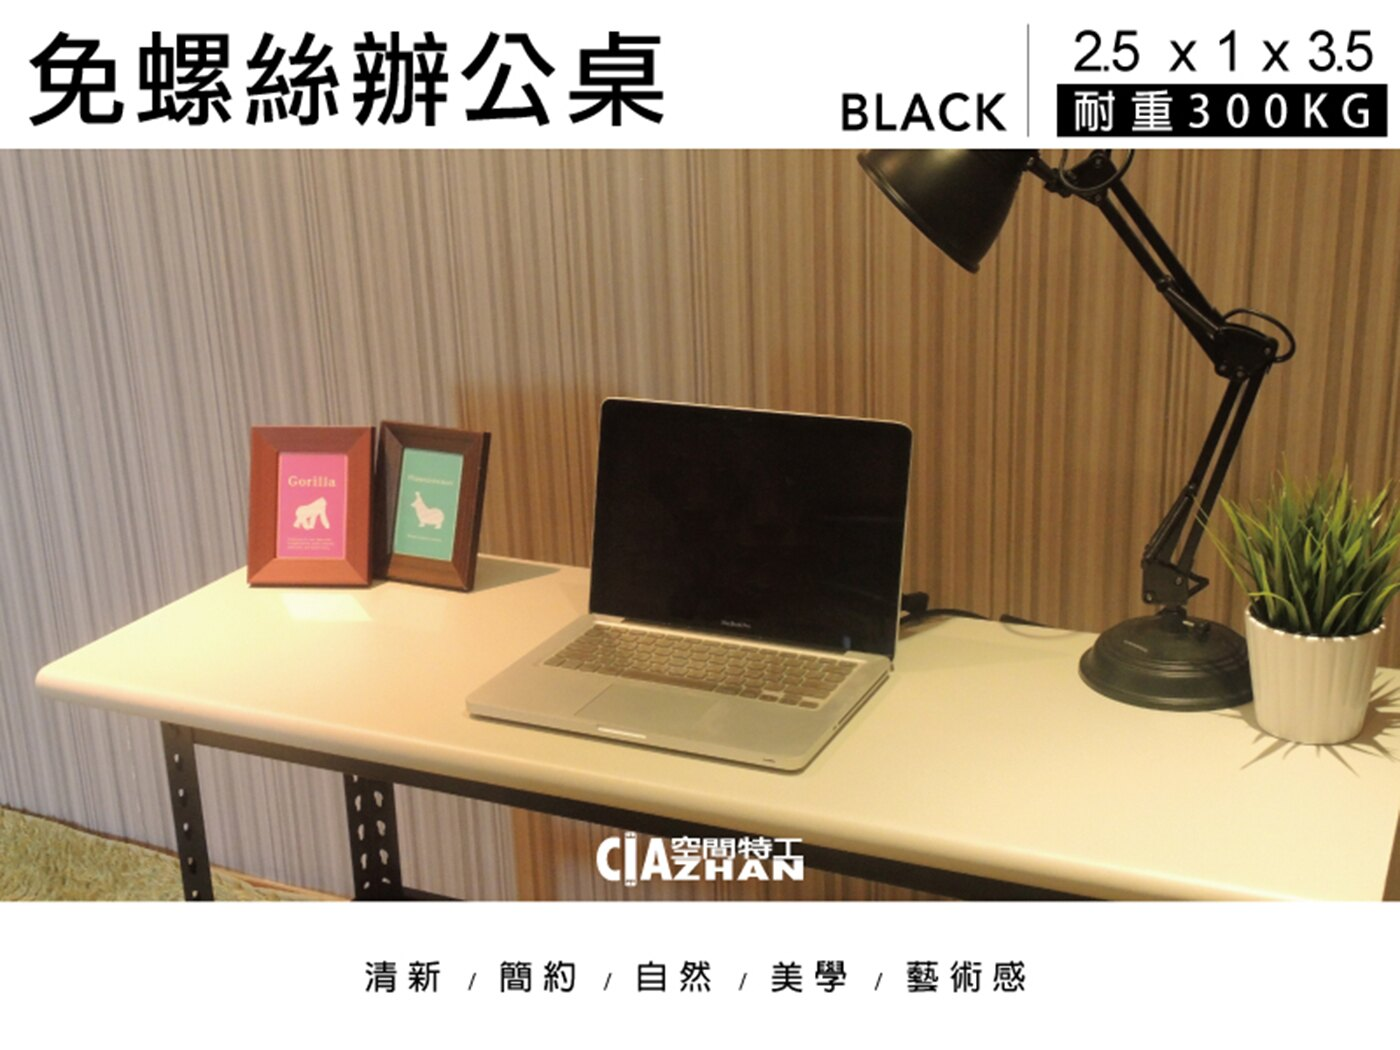 電腦桌♞空間特工♞OA辦公桌(雪白桌板120x45cm,高密度塑合板 抗刮耐磨)消光黑免螺